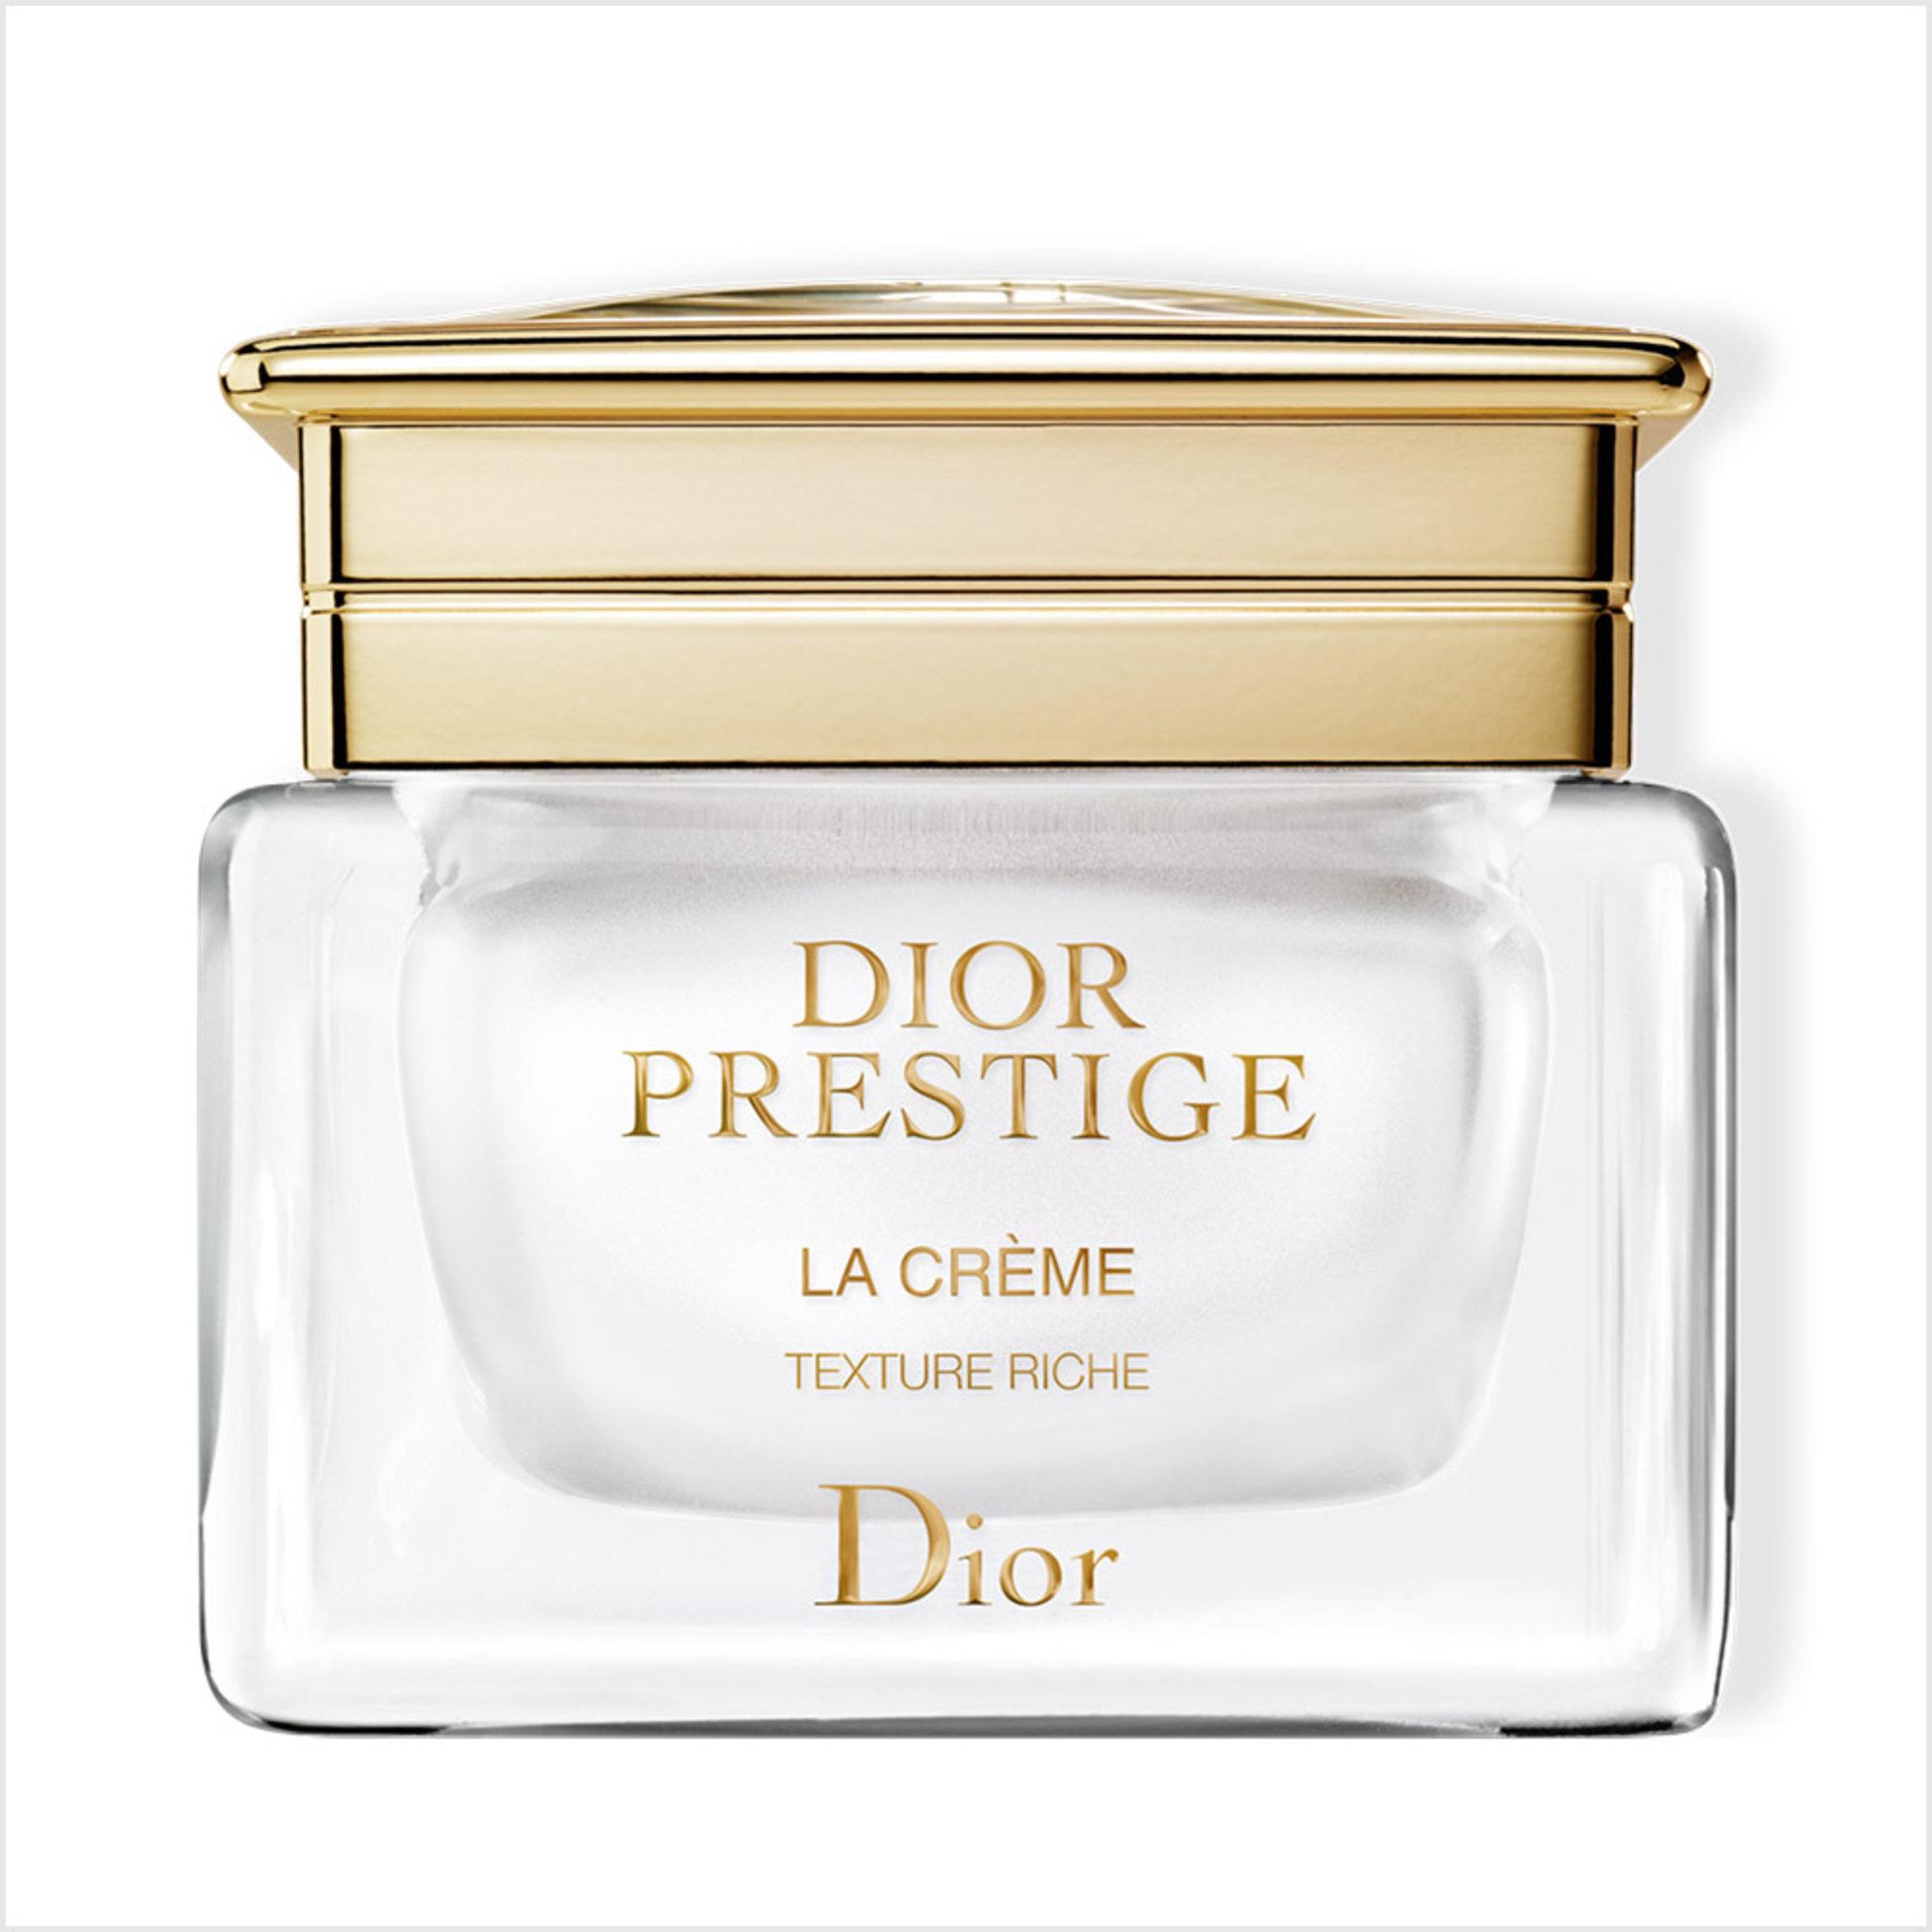 Dior Prestige Rich Creme, 50 ML